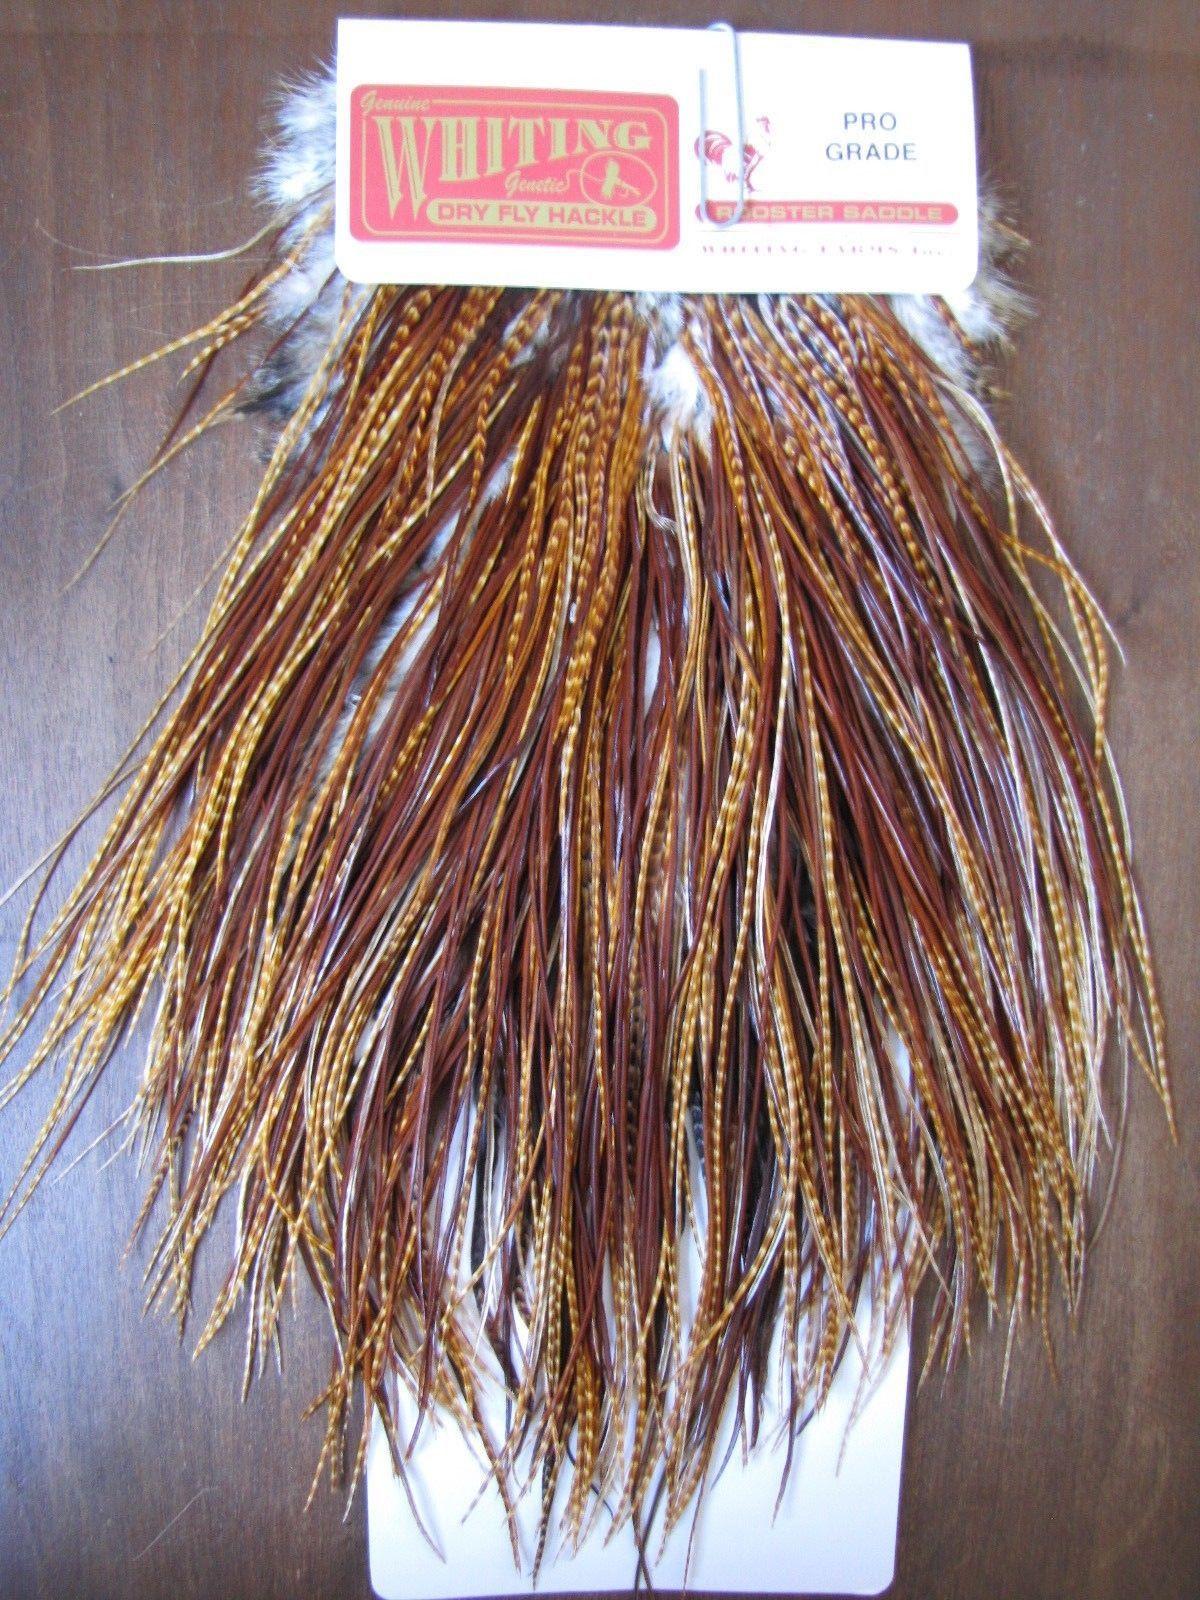 Fly Tying Whiting Gold Rooster Saddle White #A Angelsport-Köder, -Futtermittel & -Fliegen Angelsport-Artikel